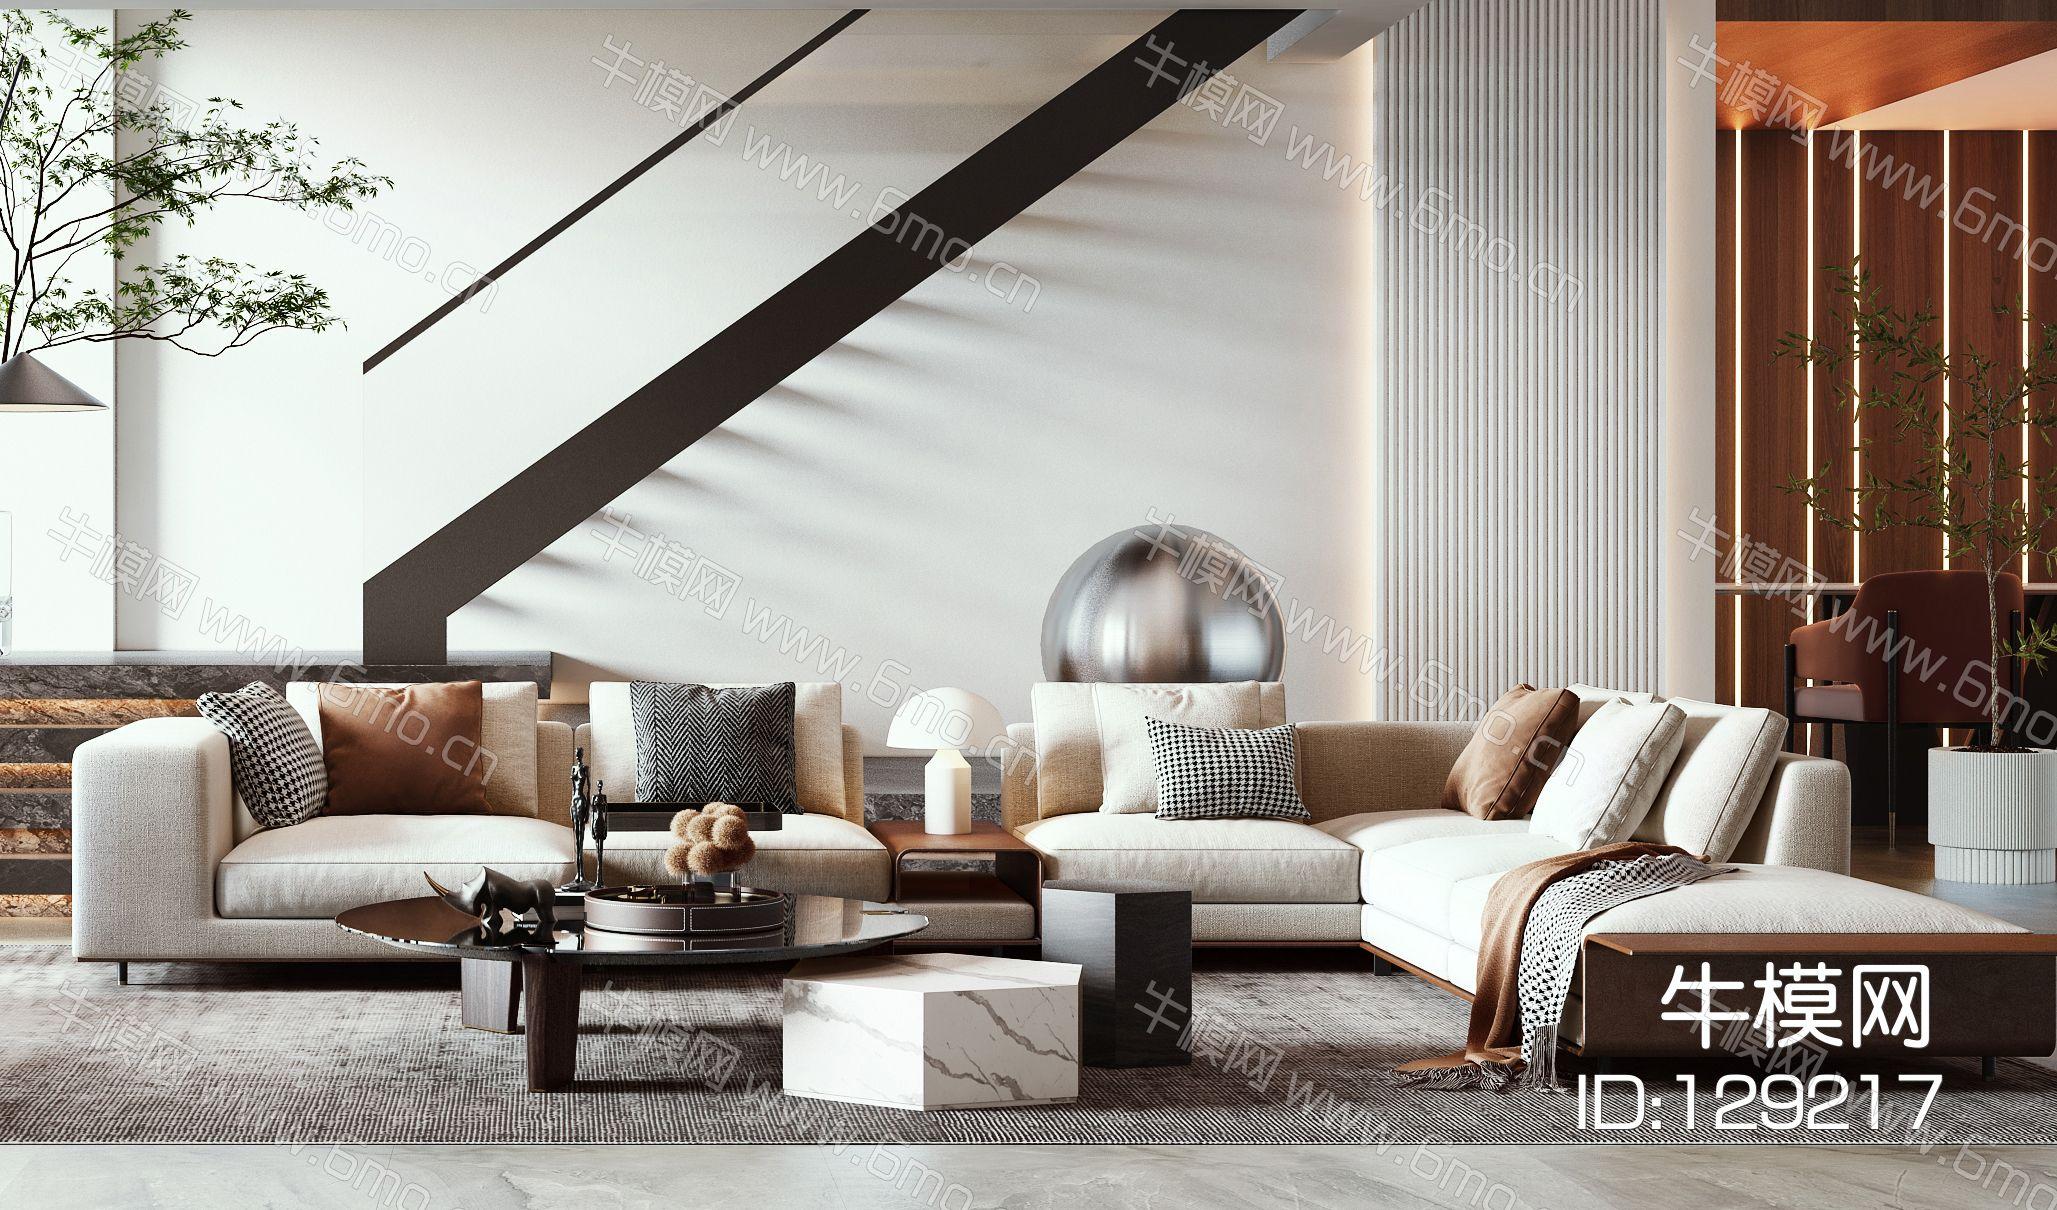 现代轻奢别墅客厅多人沙发休闲单椅楼梯